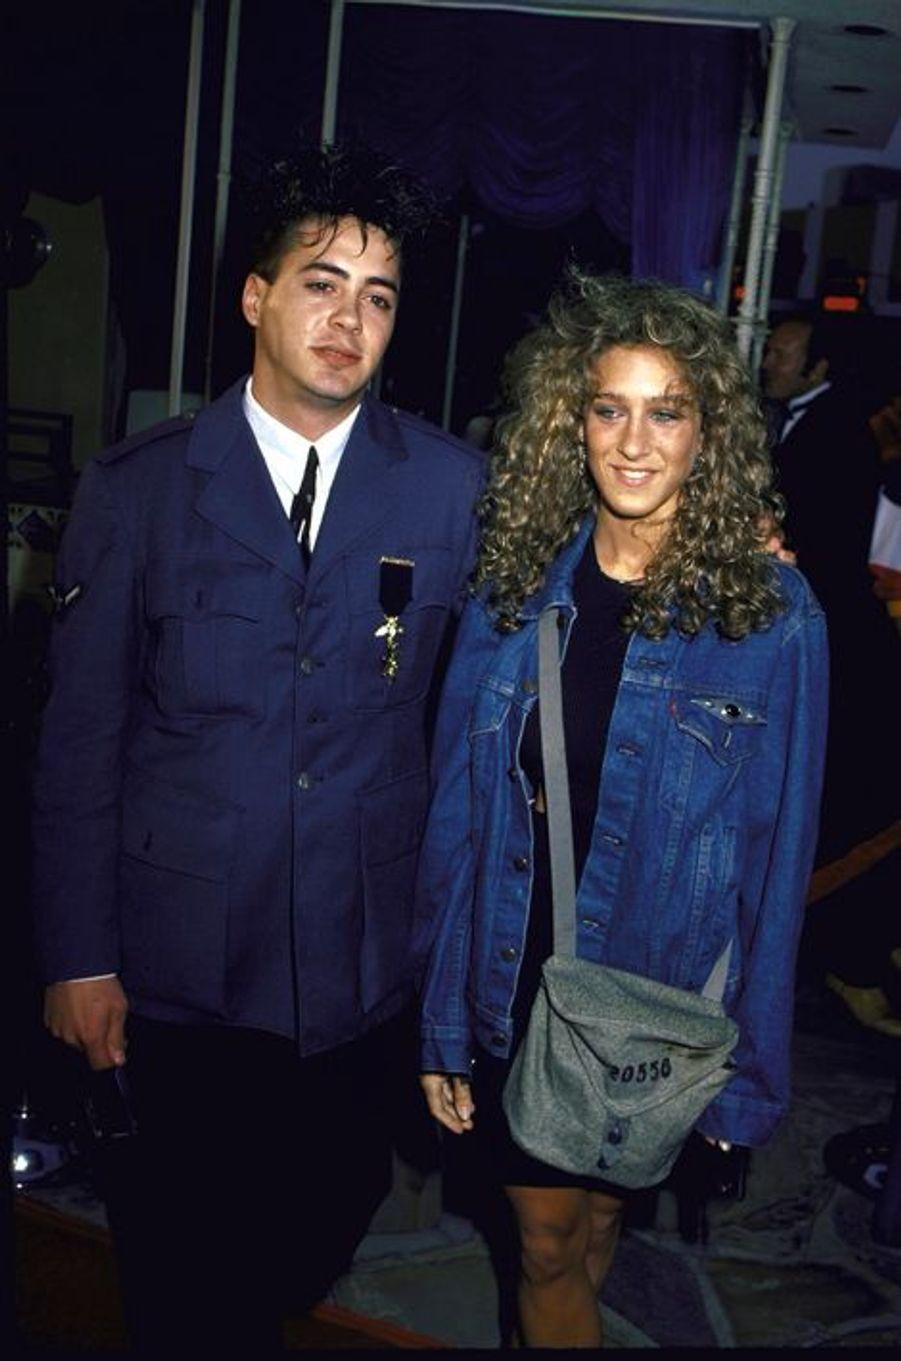 Première romance hollywoodienne pour Robert Downey Jr. et Sarah Jessica Parker